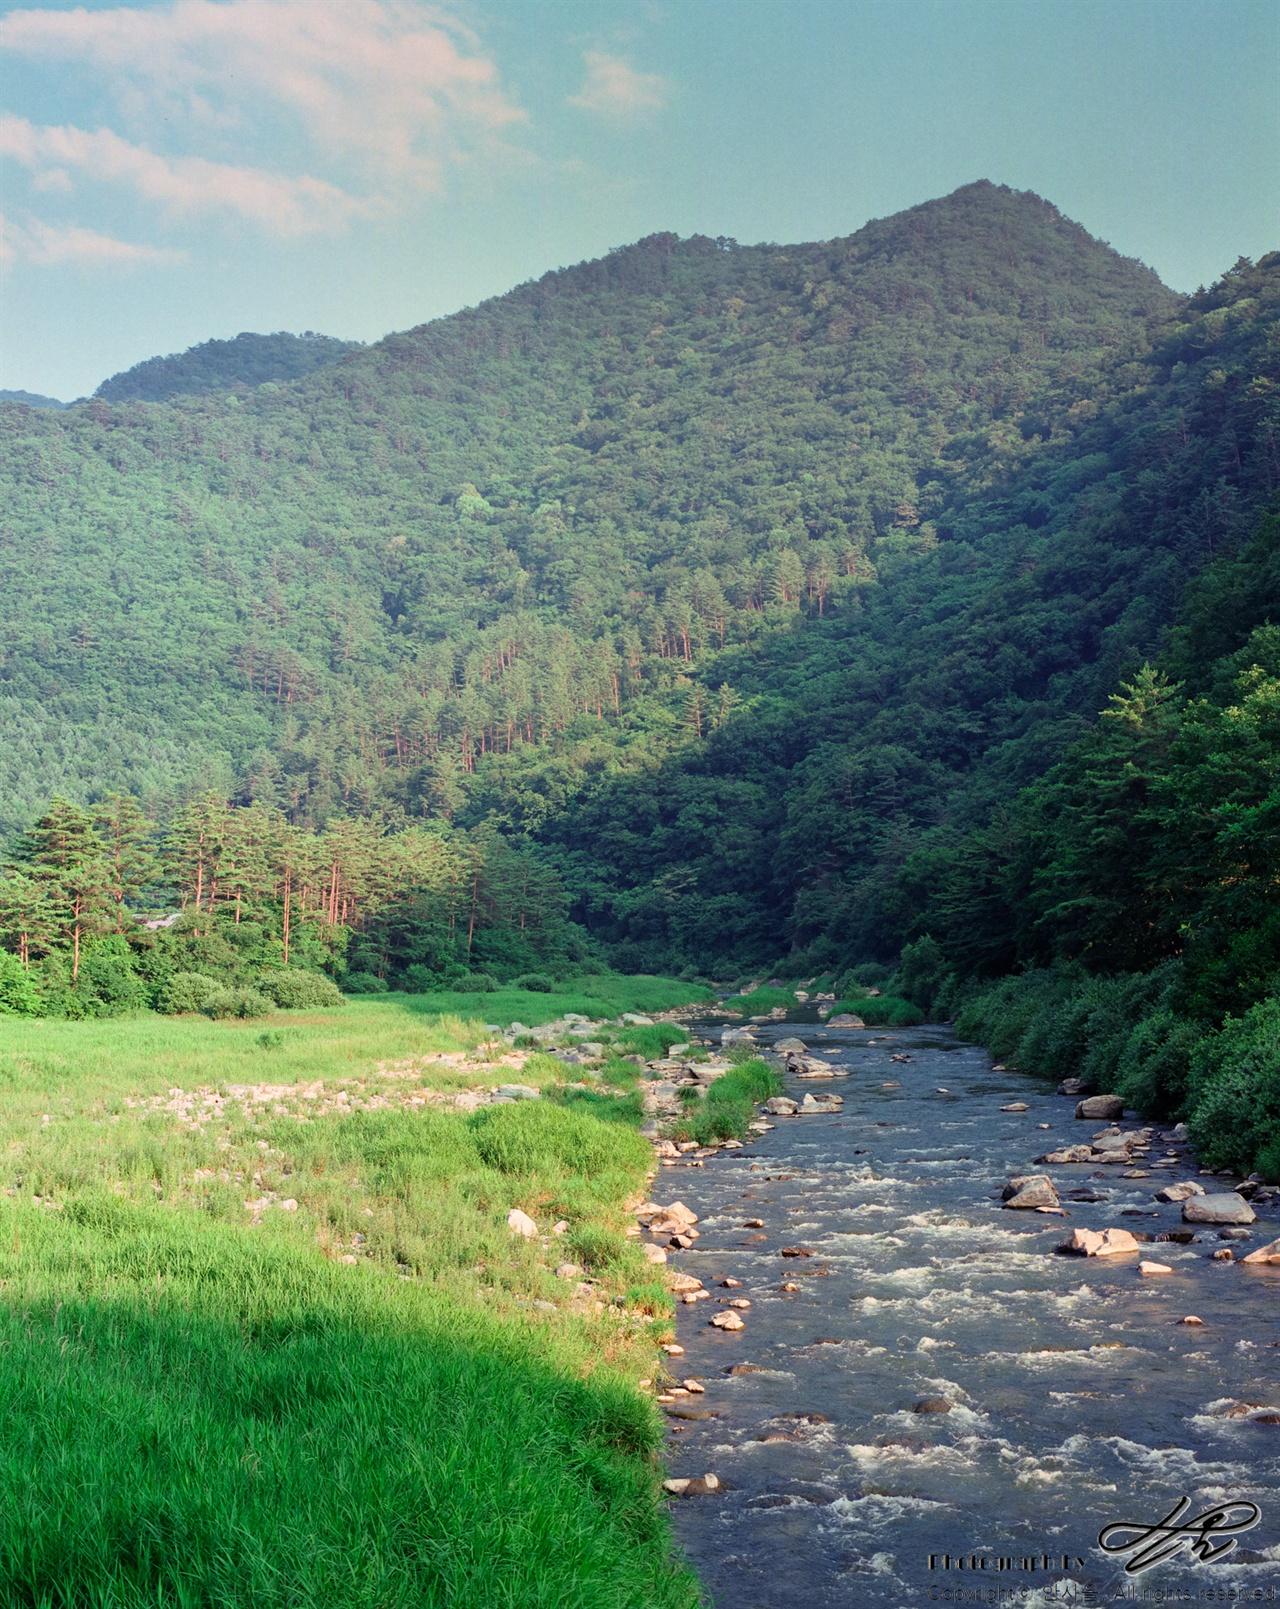 힘차게 흐르는 송천 (Pro400H)예로부터 이곳 사람들은 거칠게 흐르는 송천을 '양천'이라 하고 고요히 흐르는 골지천은 '음천'이라 불었다고 한다.